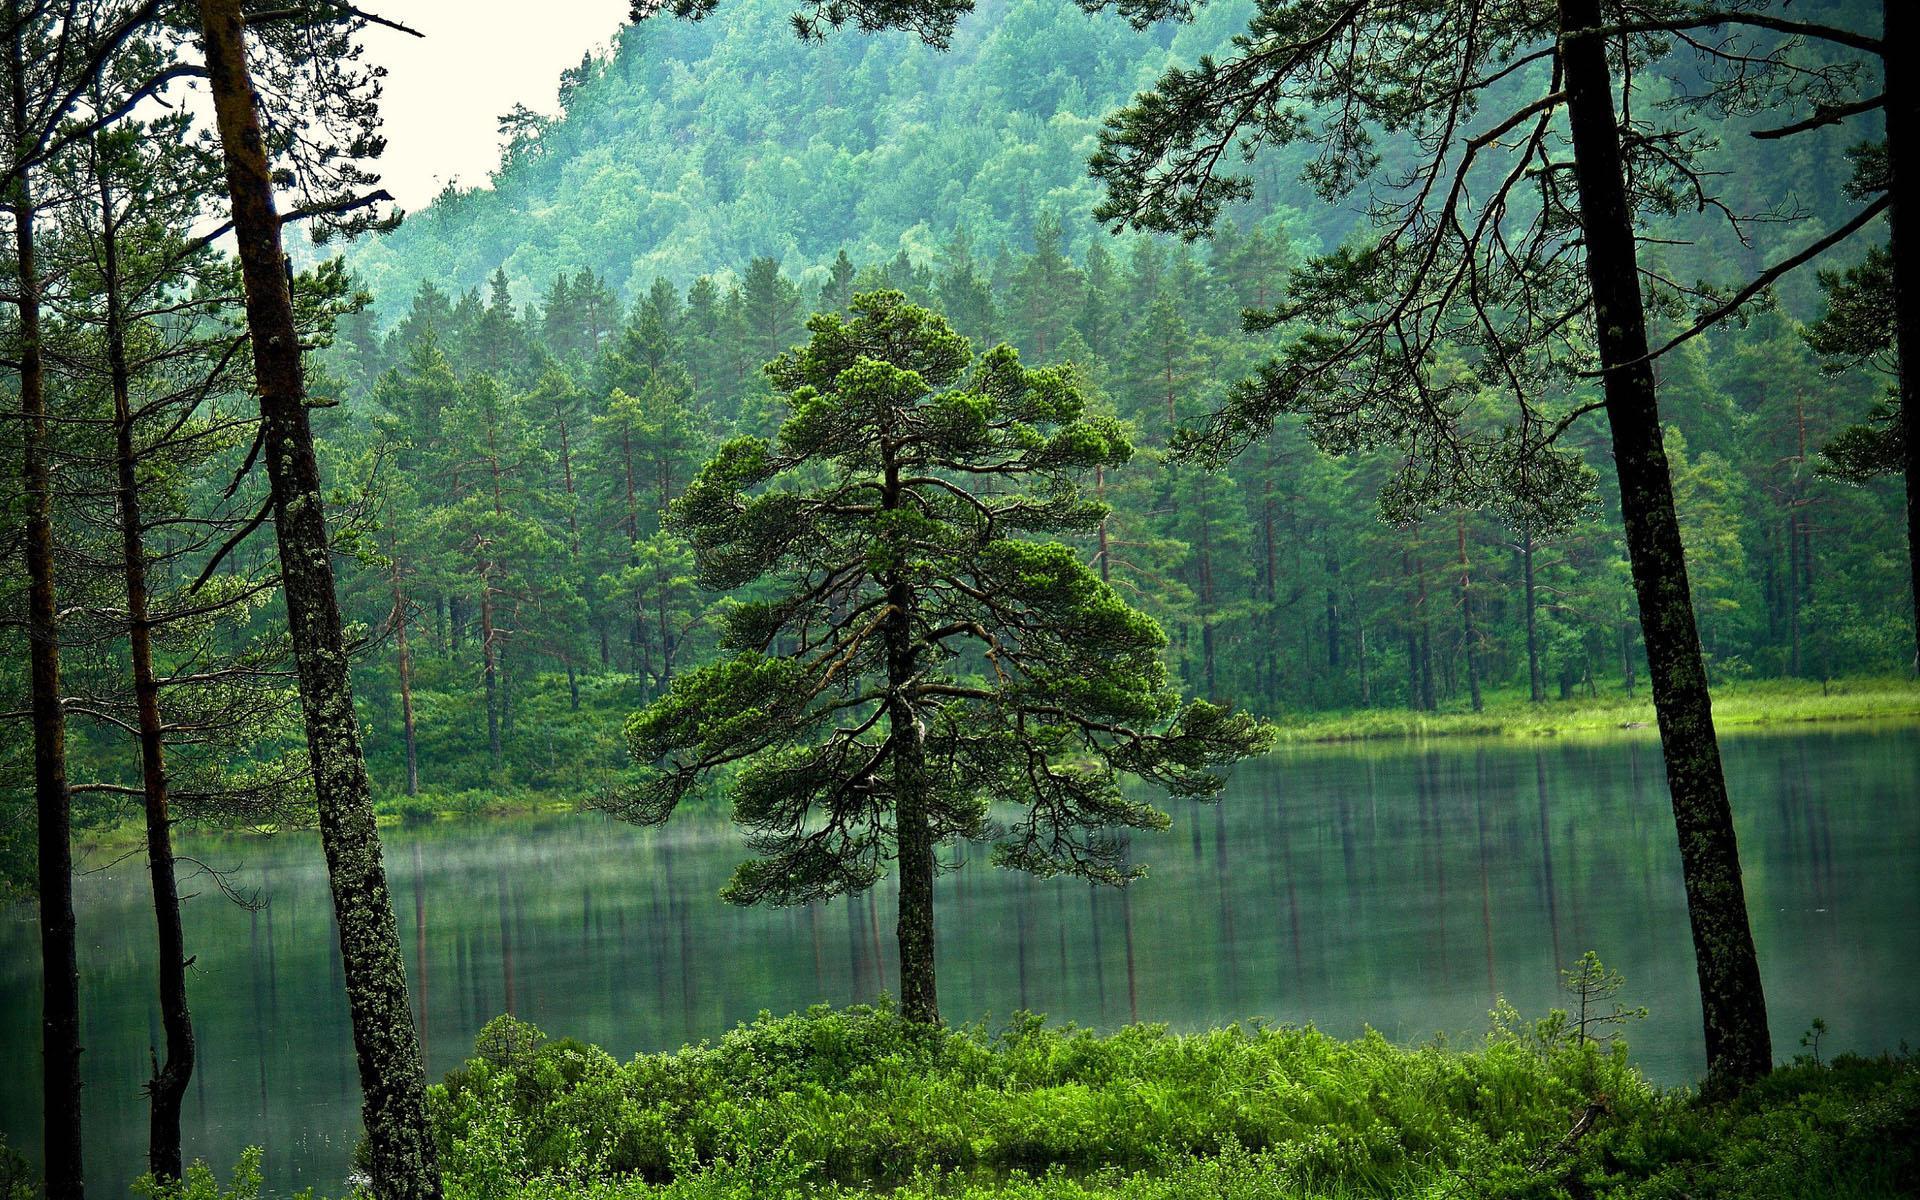 Озеро, гора, зеленый лес  № 621636 бесплатно